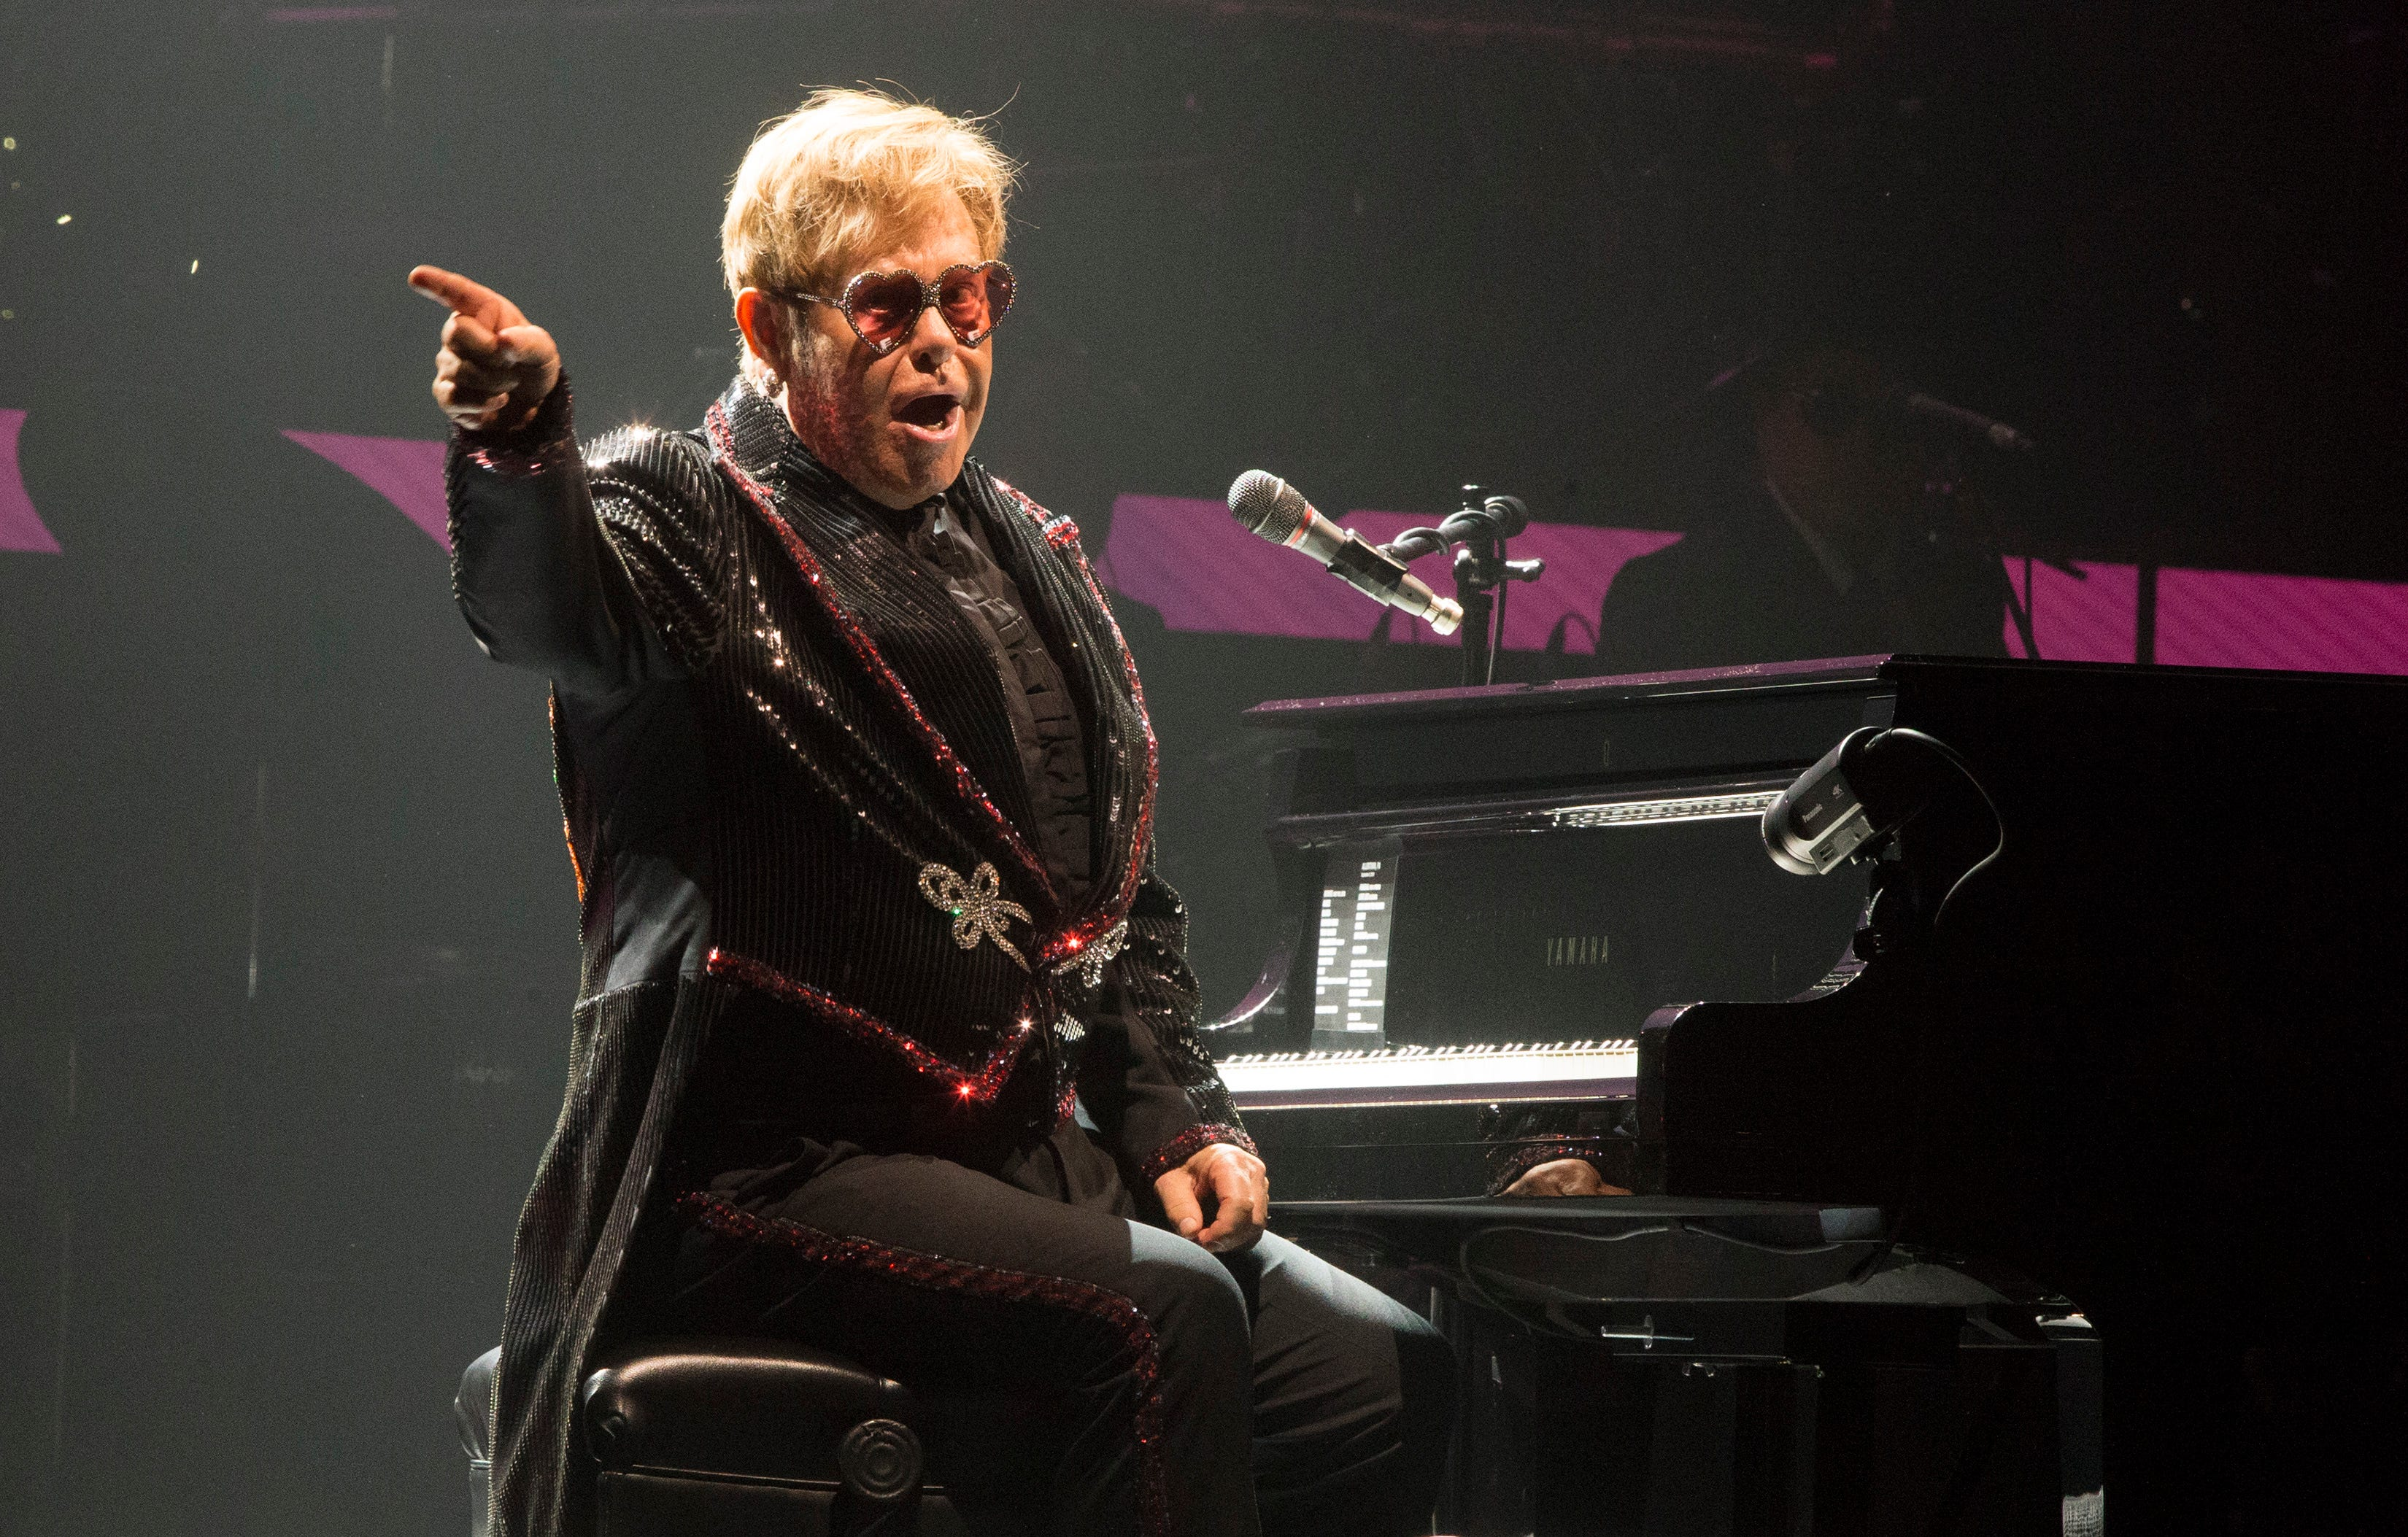 Elton John kicks off final tour with powerhouse three-hour show